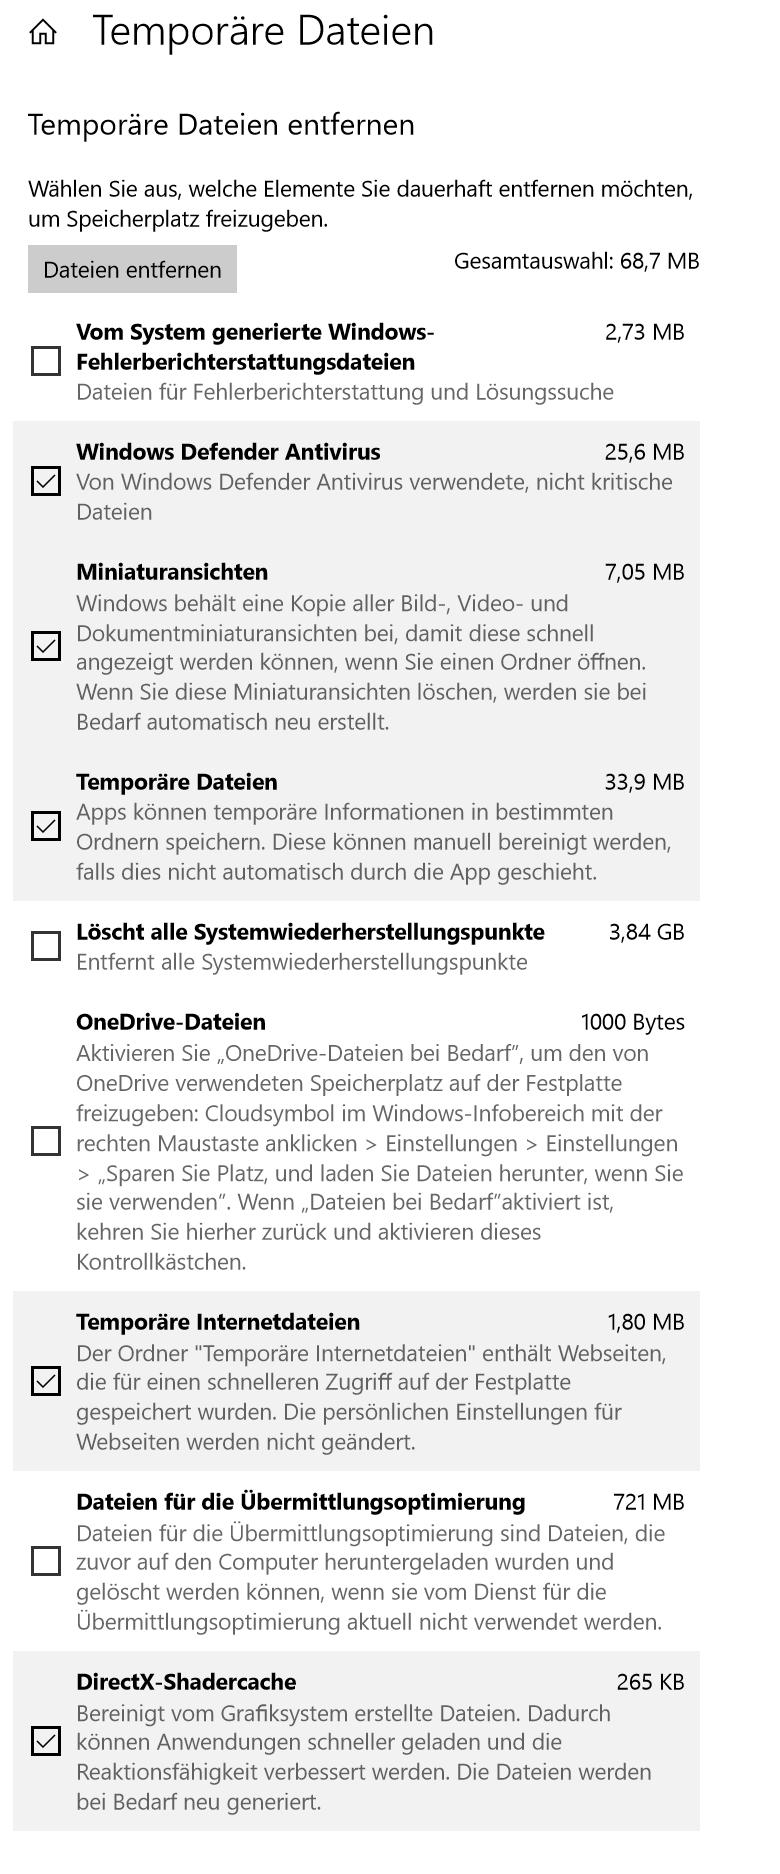 """Speichernutzung """"Temporäre Dateien"""" entspricht nicht der Summe der aufgeführten Apps"""